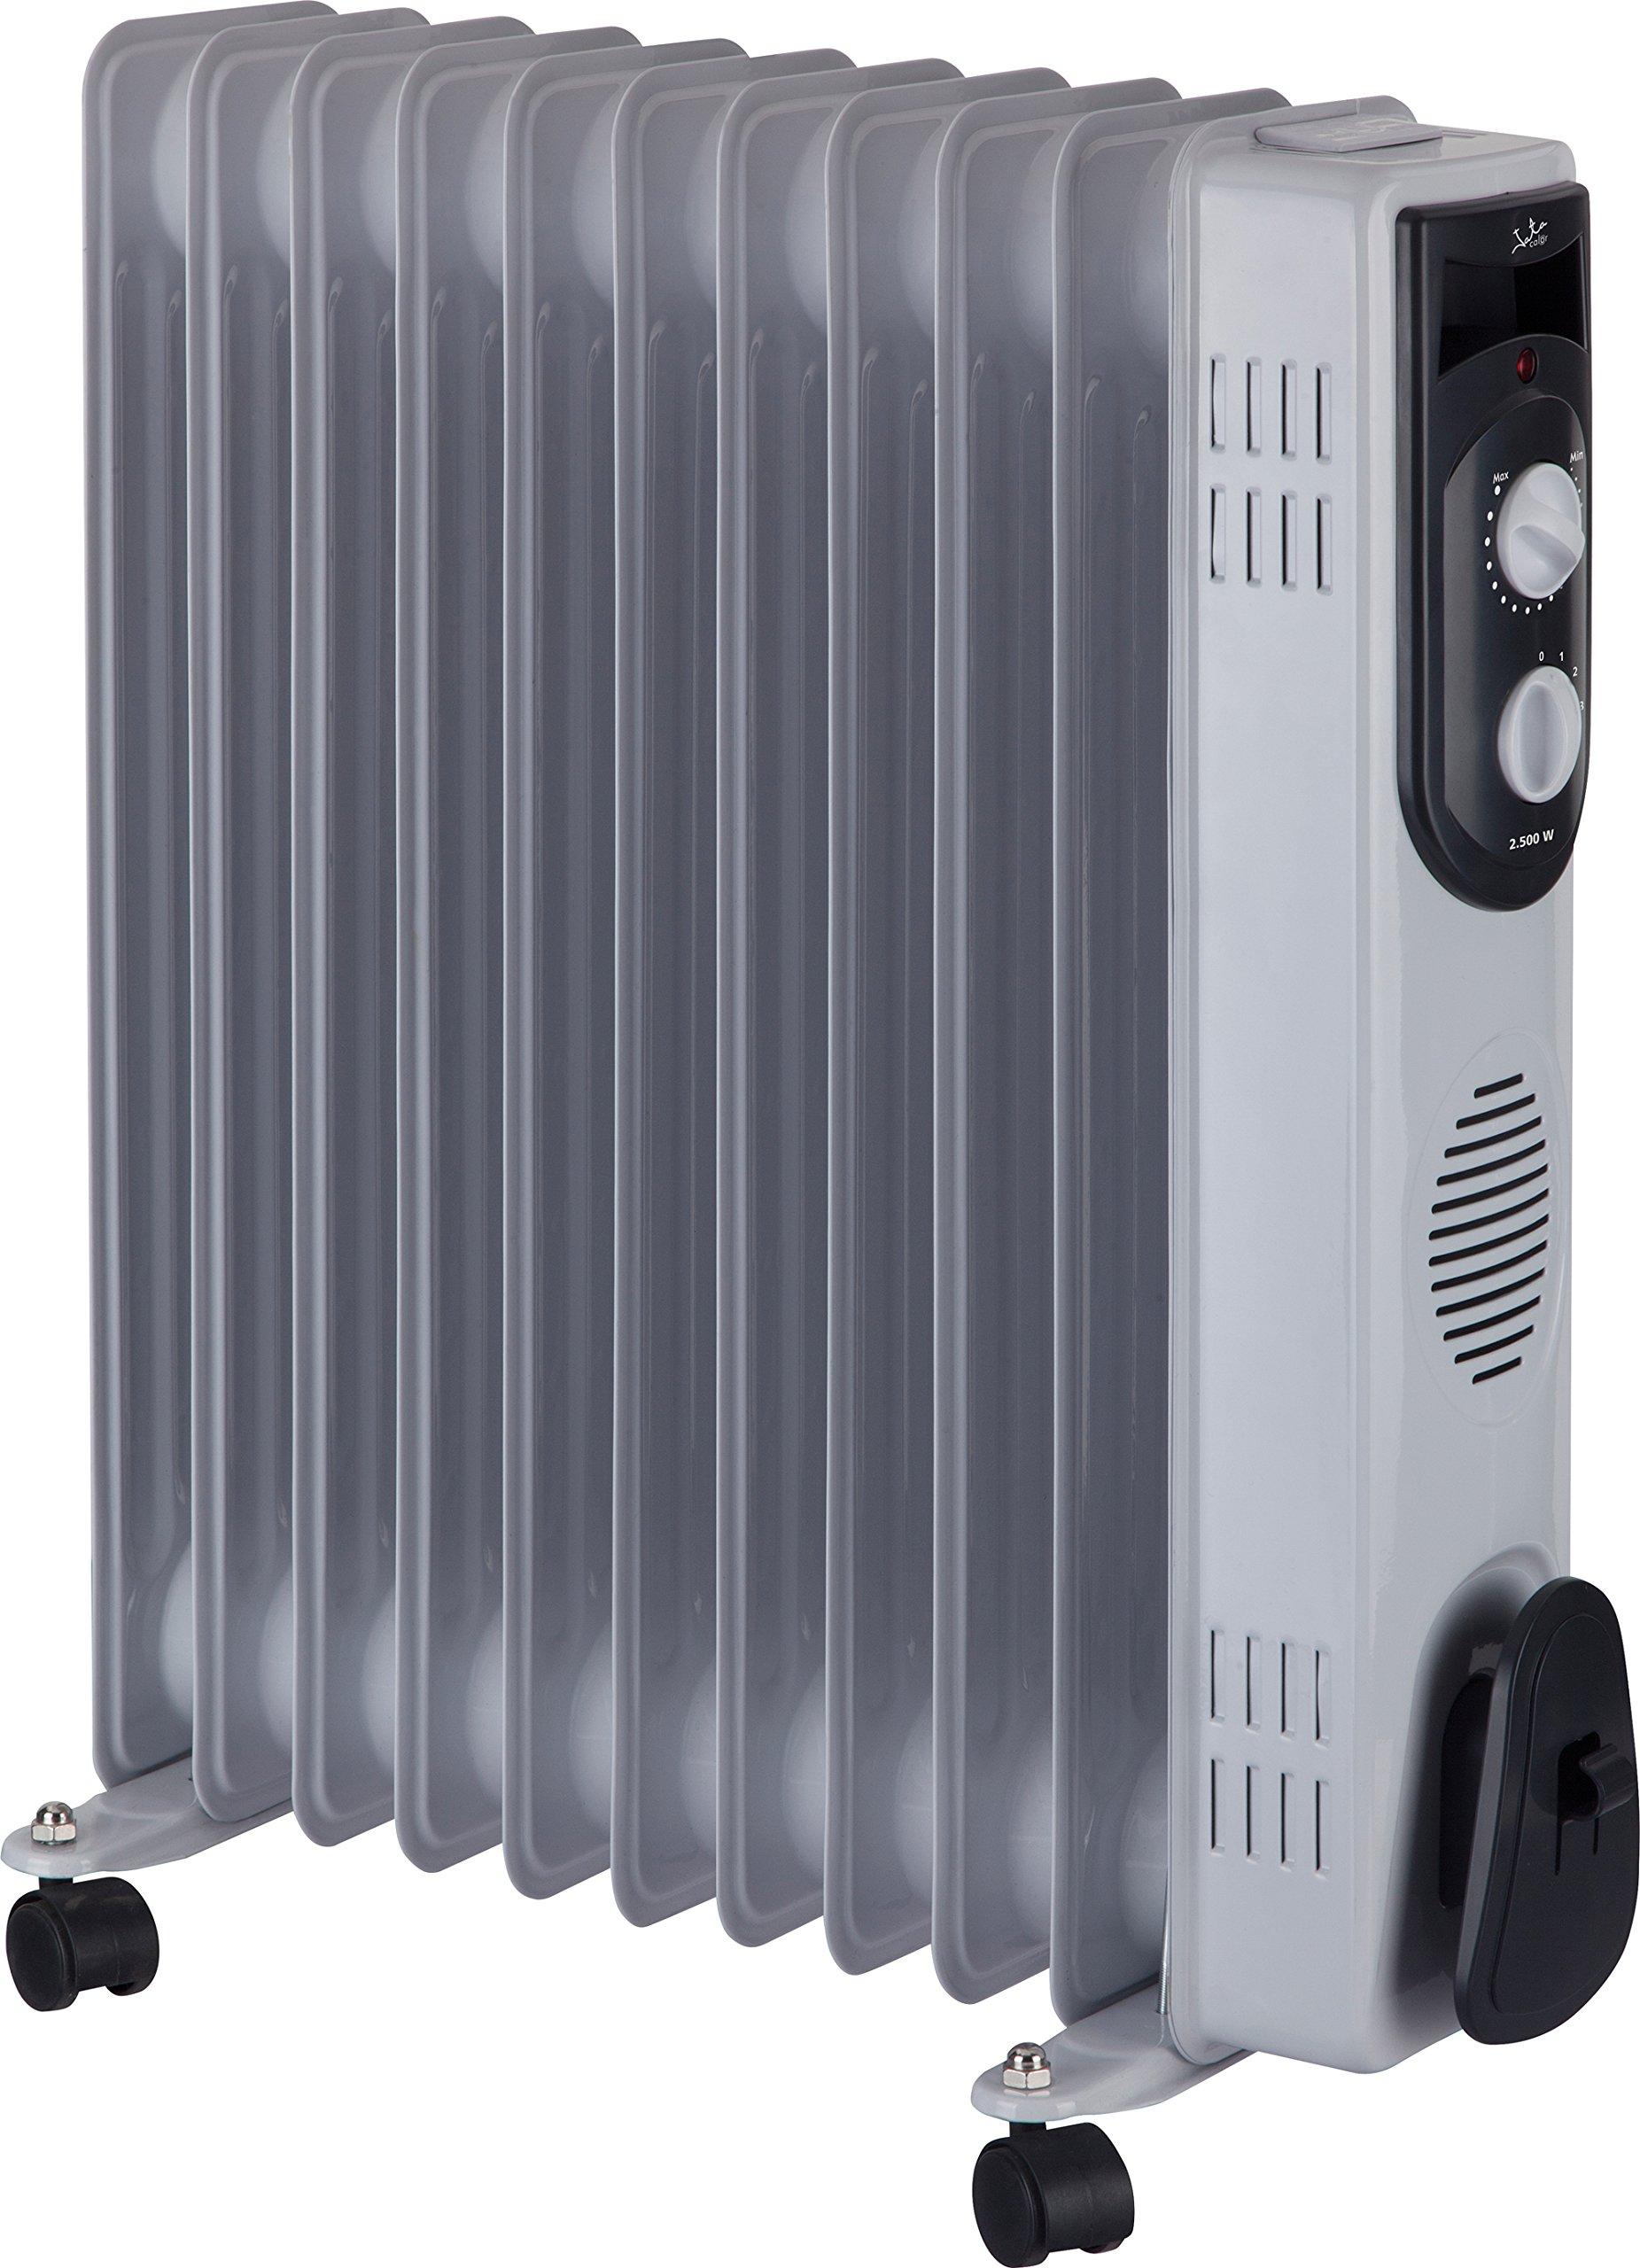 Jata R111 Radiador de Aceite con 11 Elementos caloríficos, 2500 W, Blanco product image